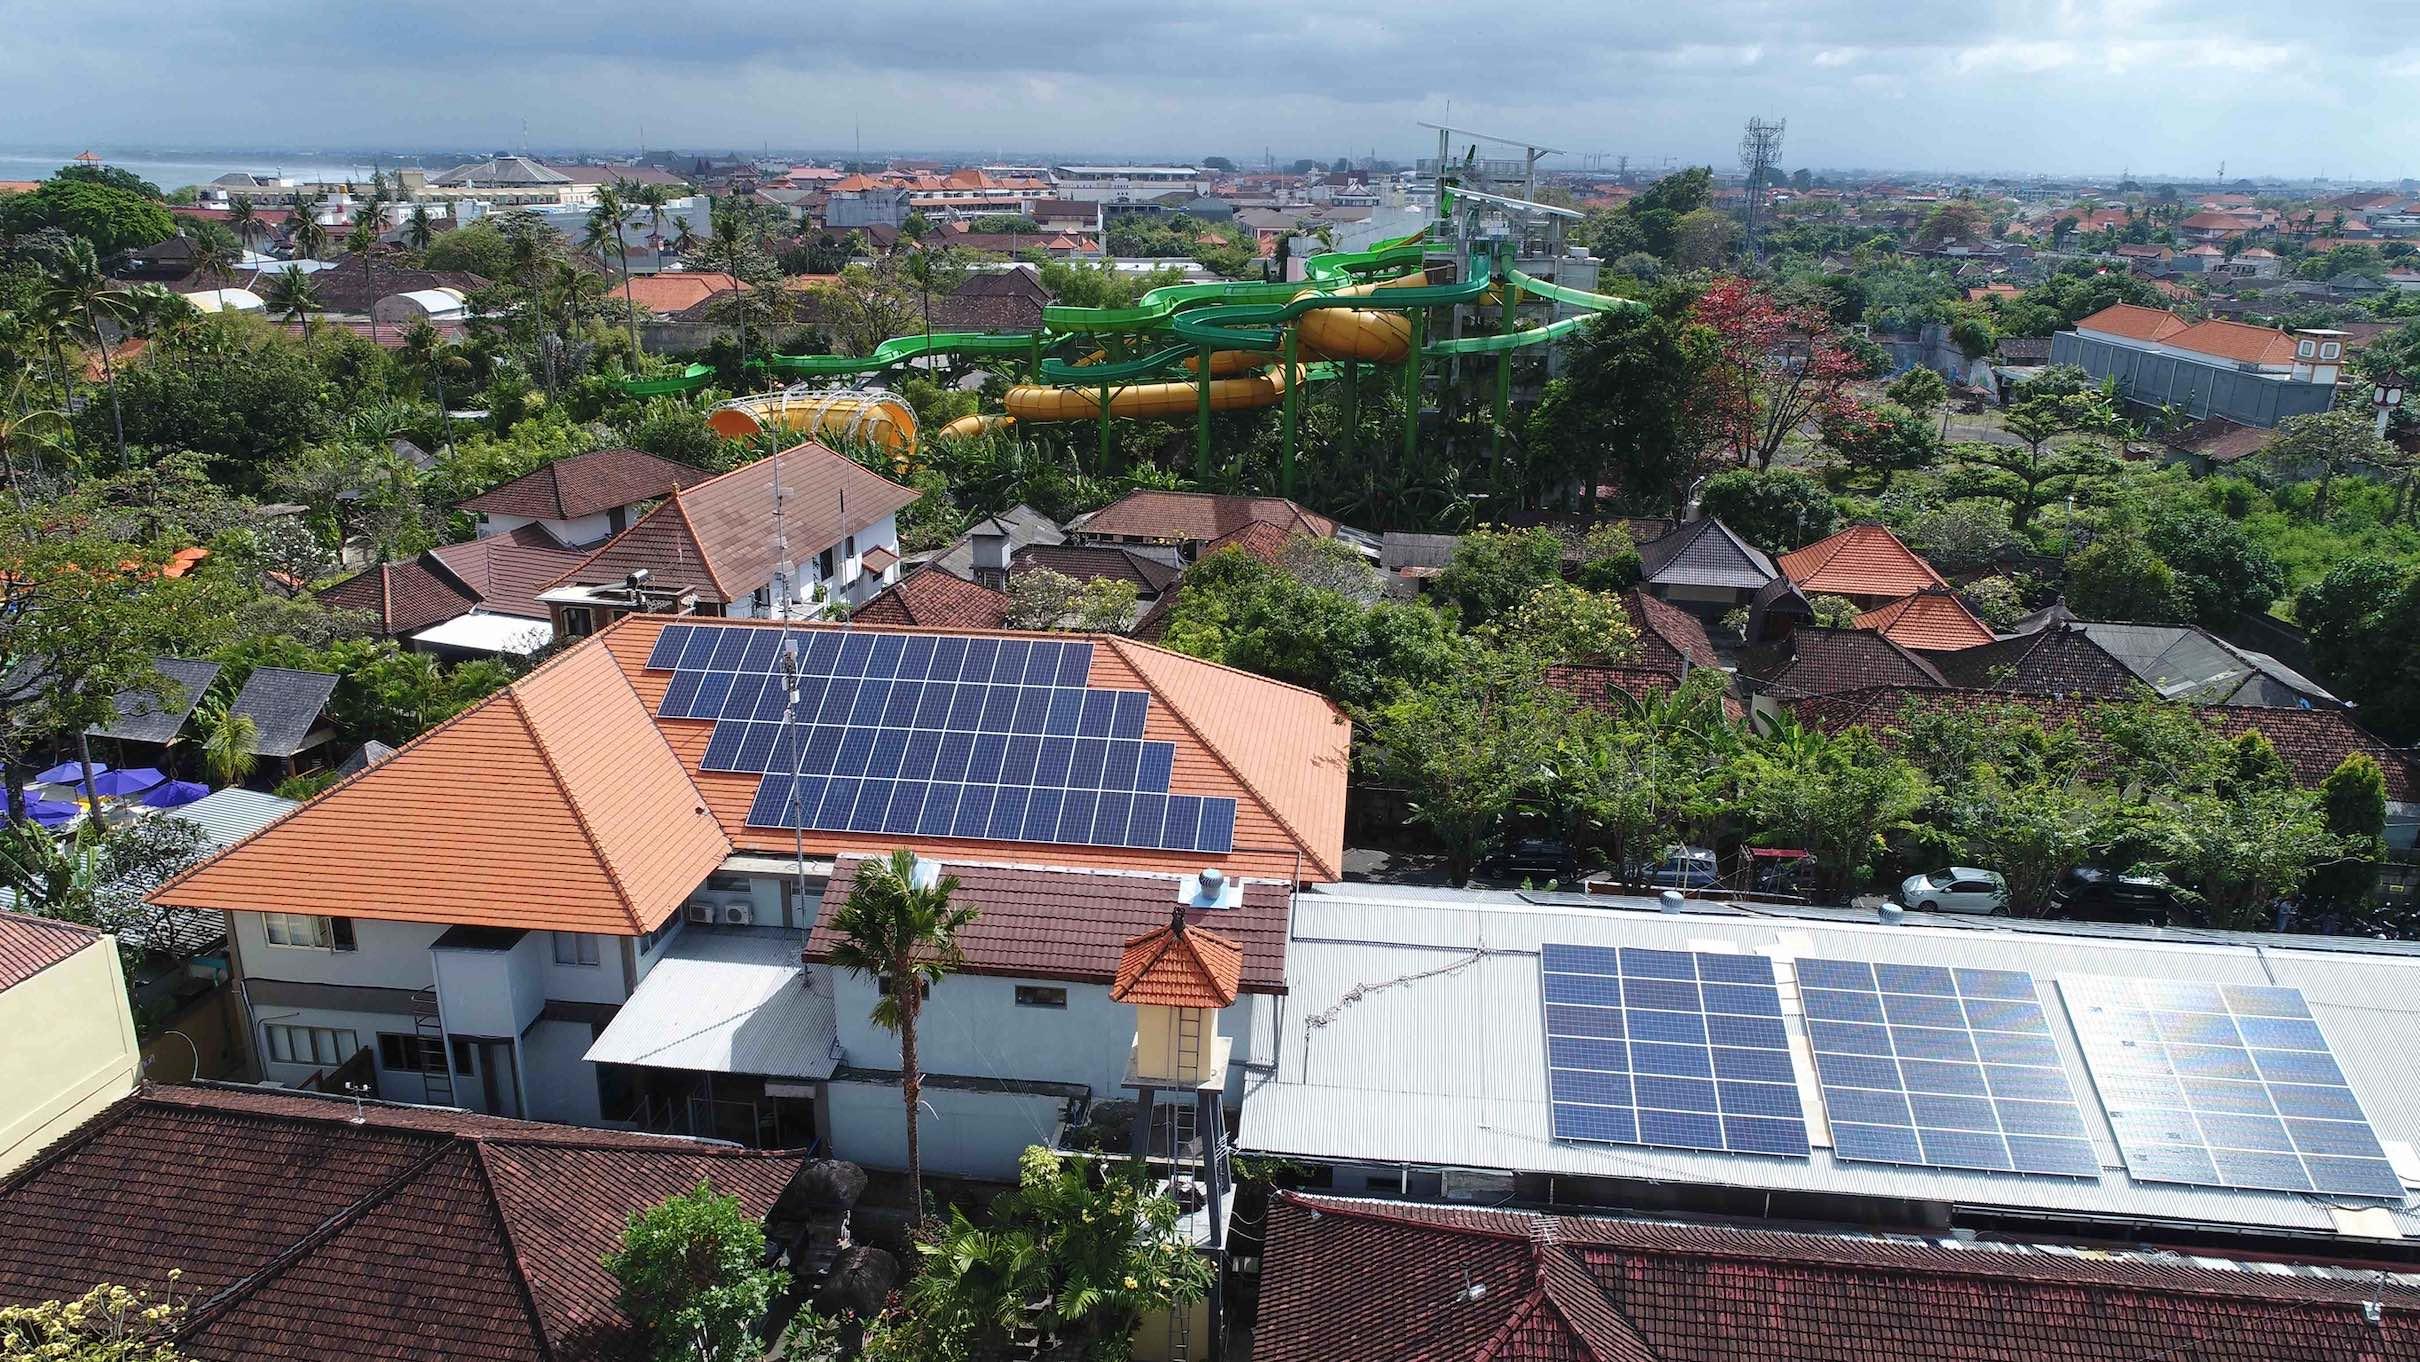 Salah satu bangunan di Bali yang menggunakan PLTS Atap | Foto: Dokumentasi Terregra Asia Energi